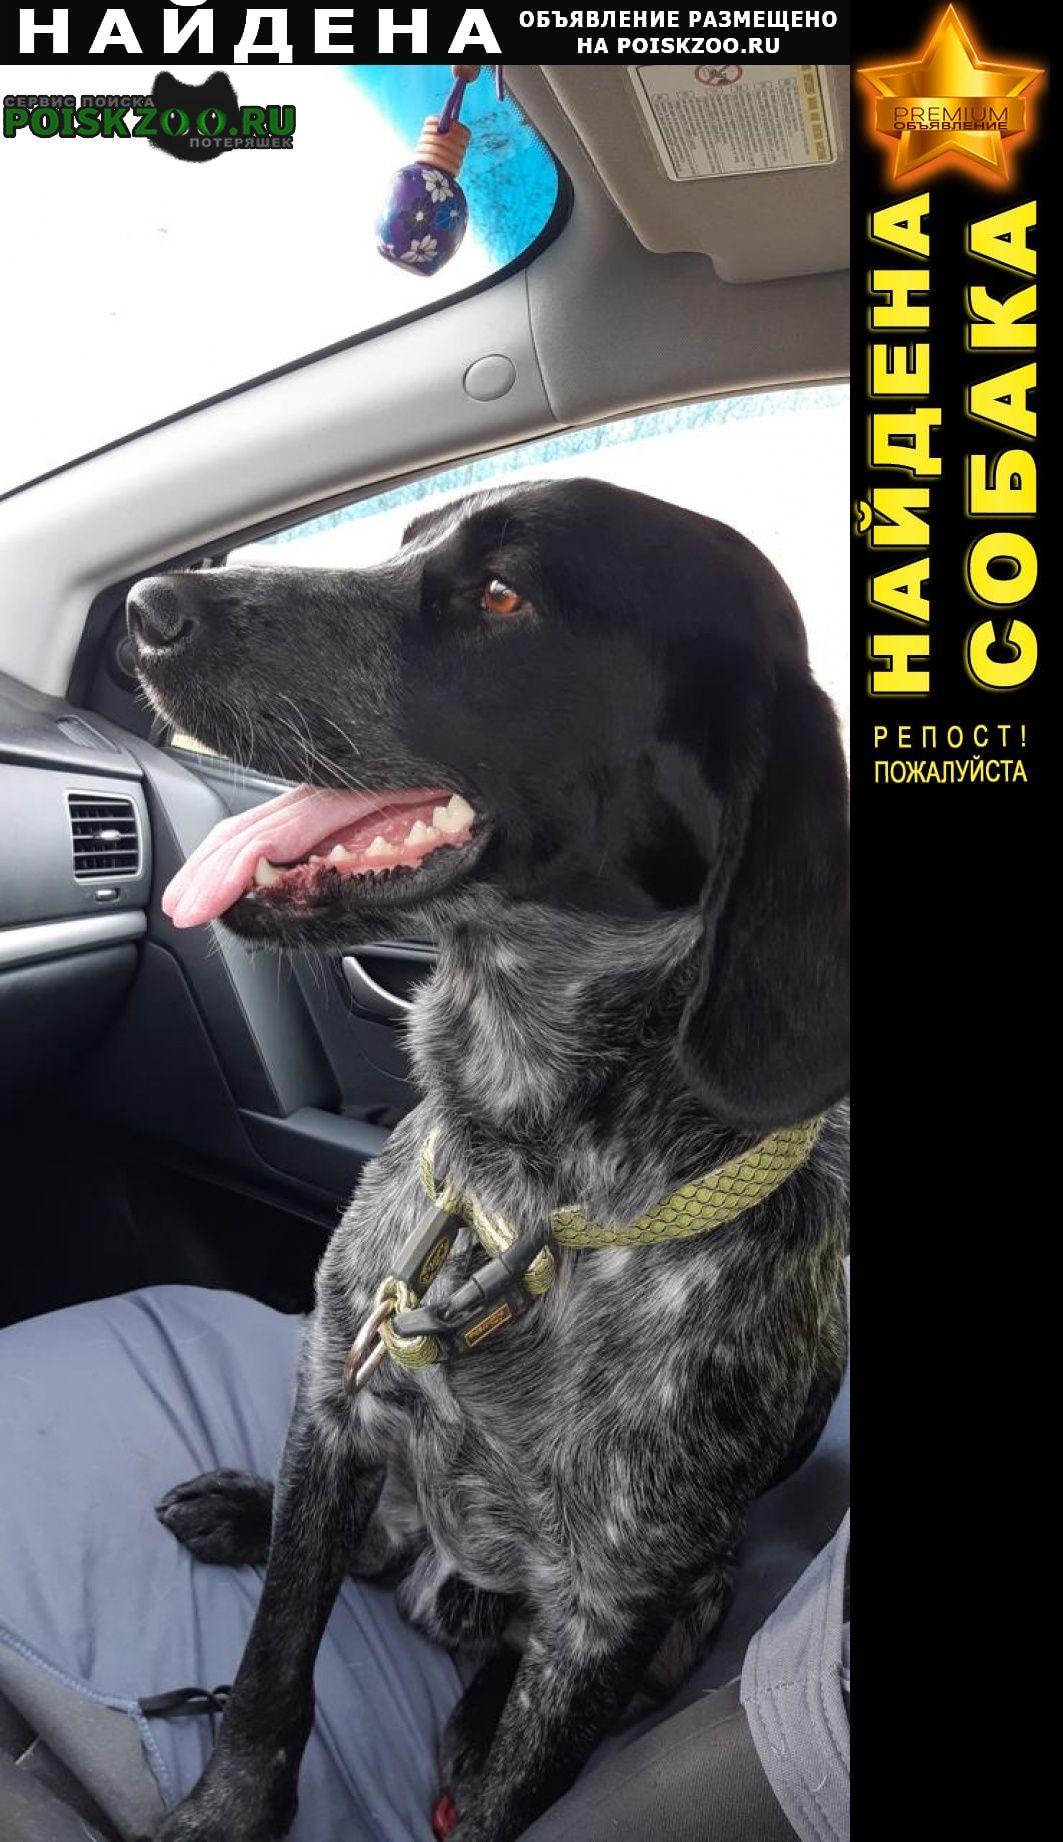 Найдена собака кобель на новорязанском шоссе в конце сентября Воскресенск